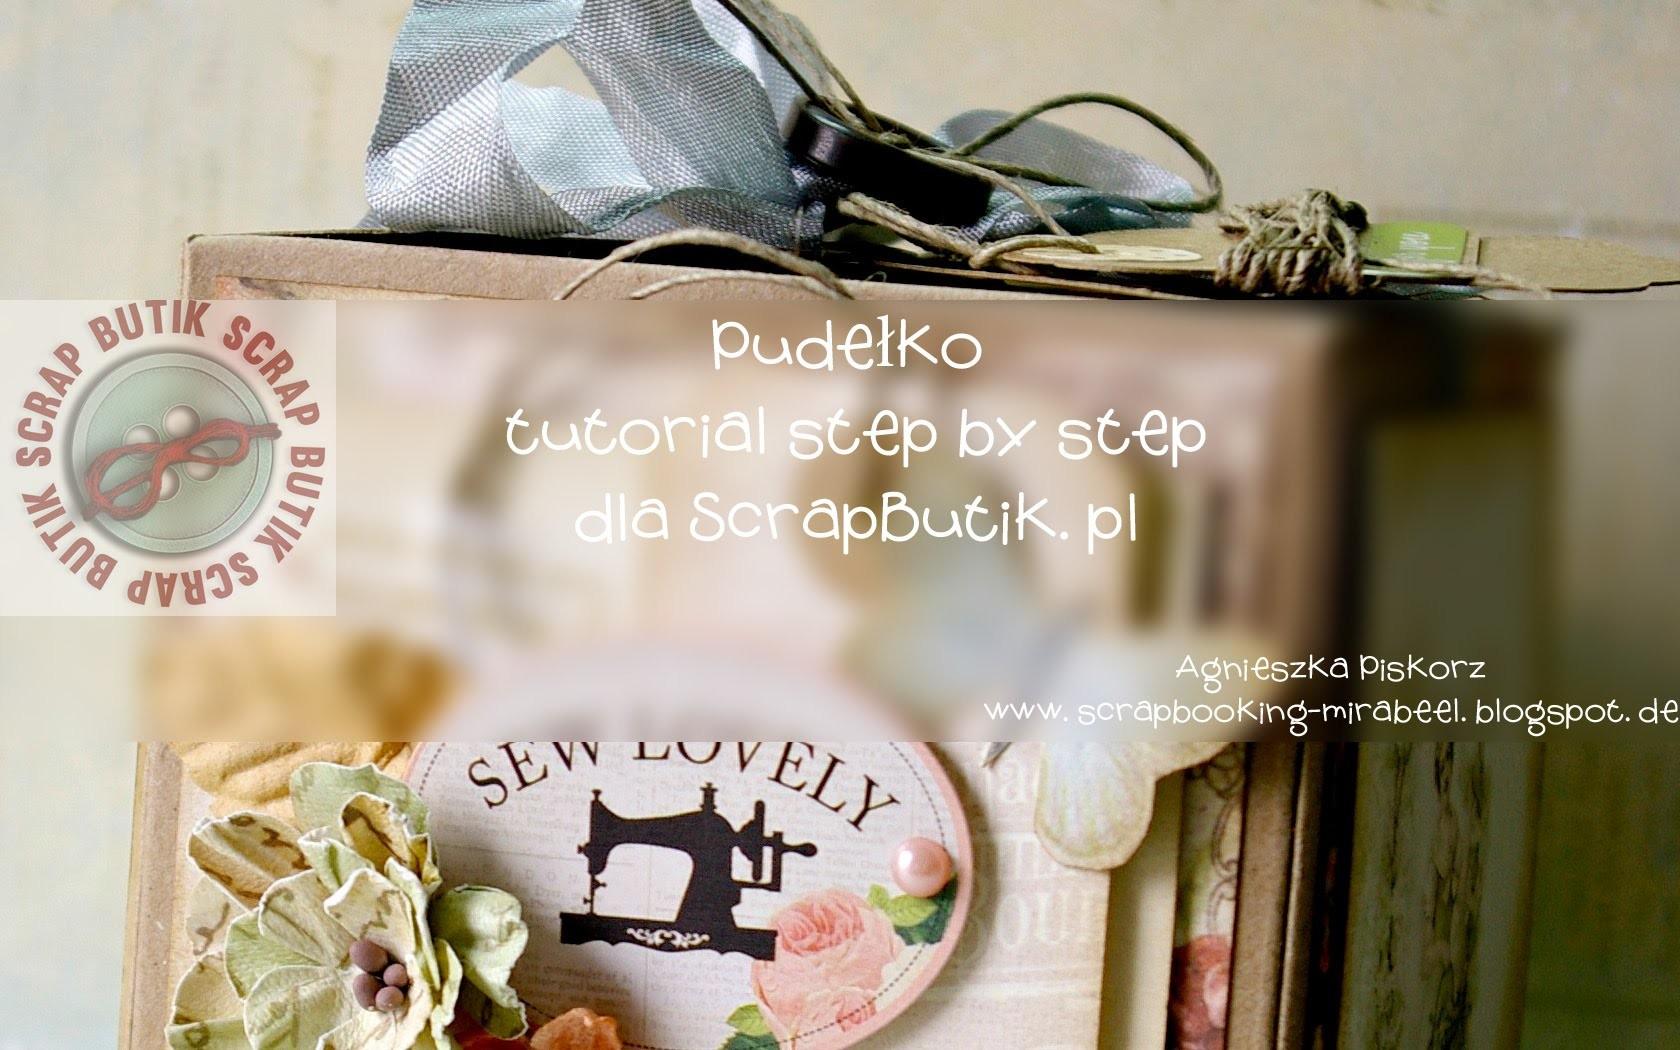 Box step by step Craft Show Kraków 2014 Agnieszka Piskorz dla ScrapButik.pl